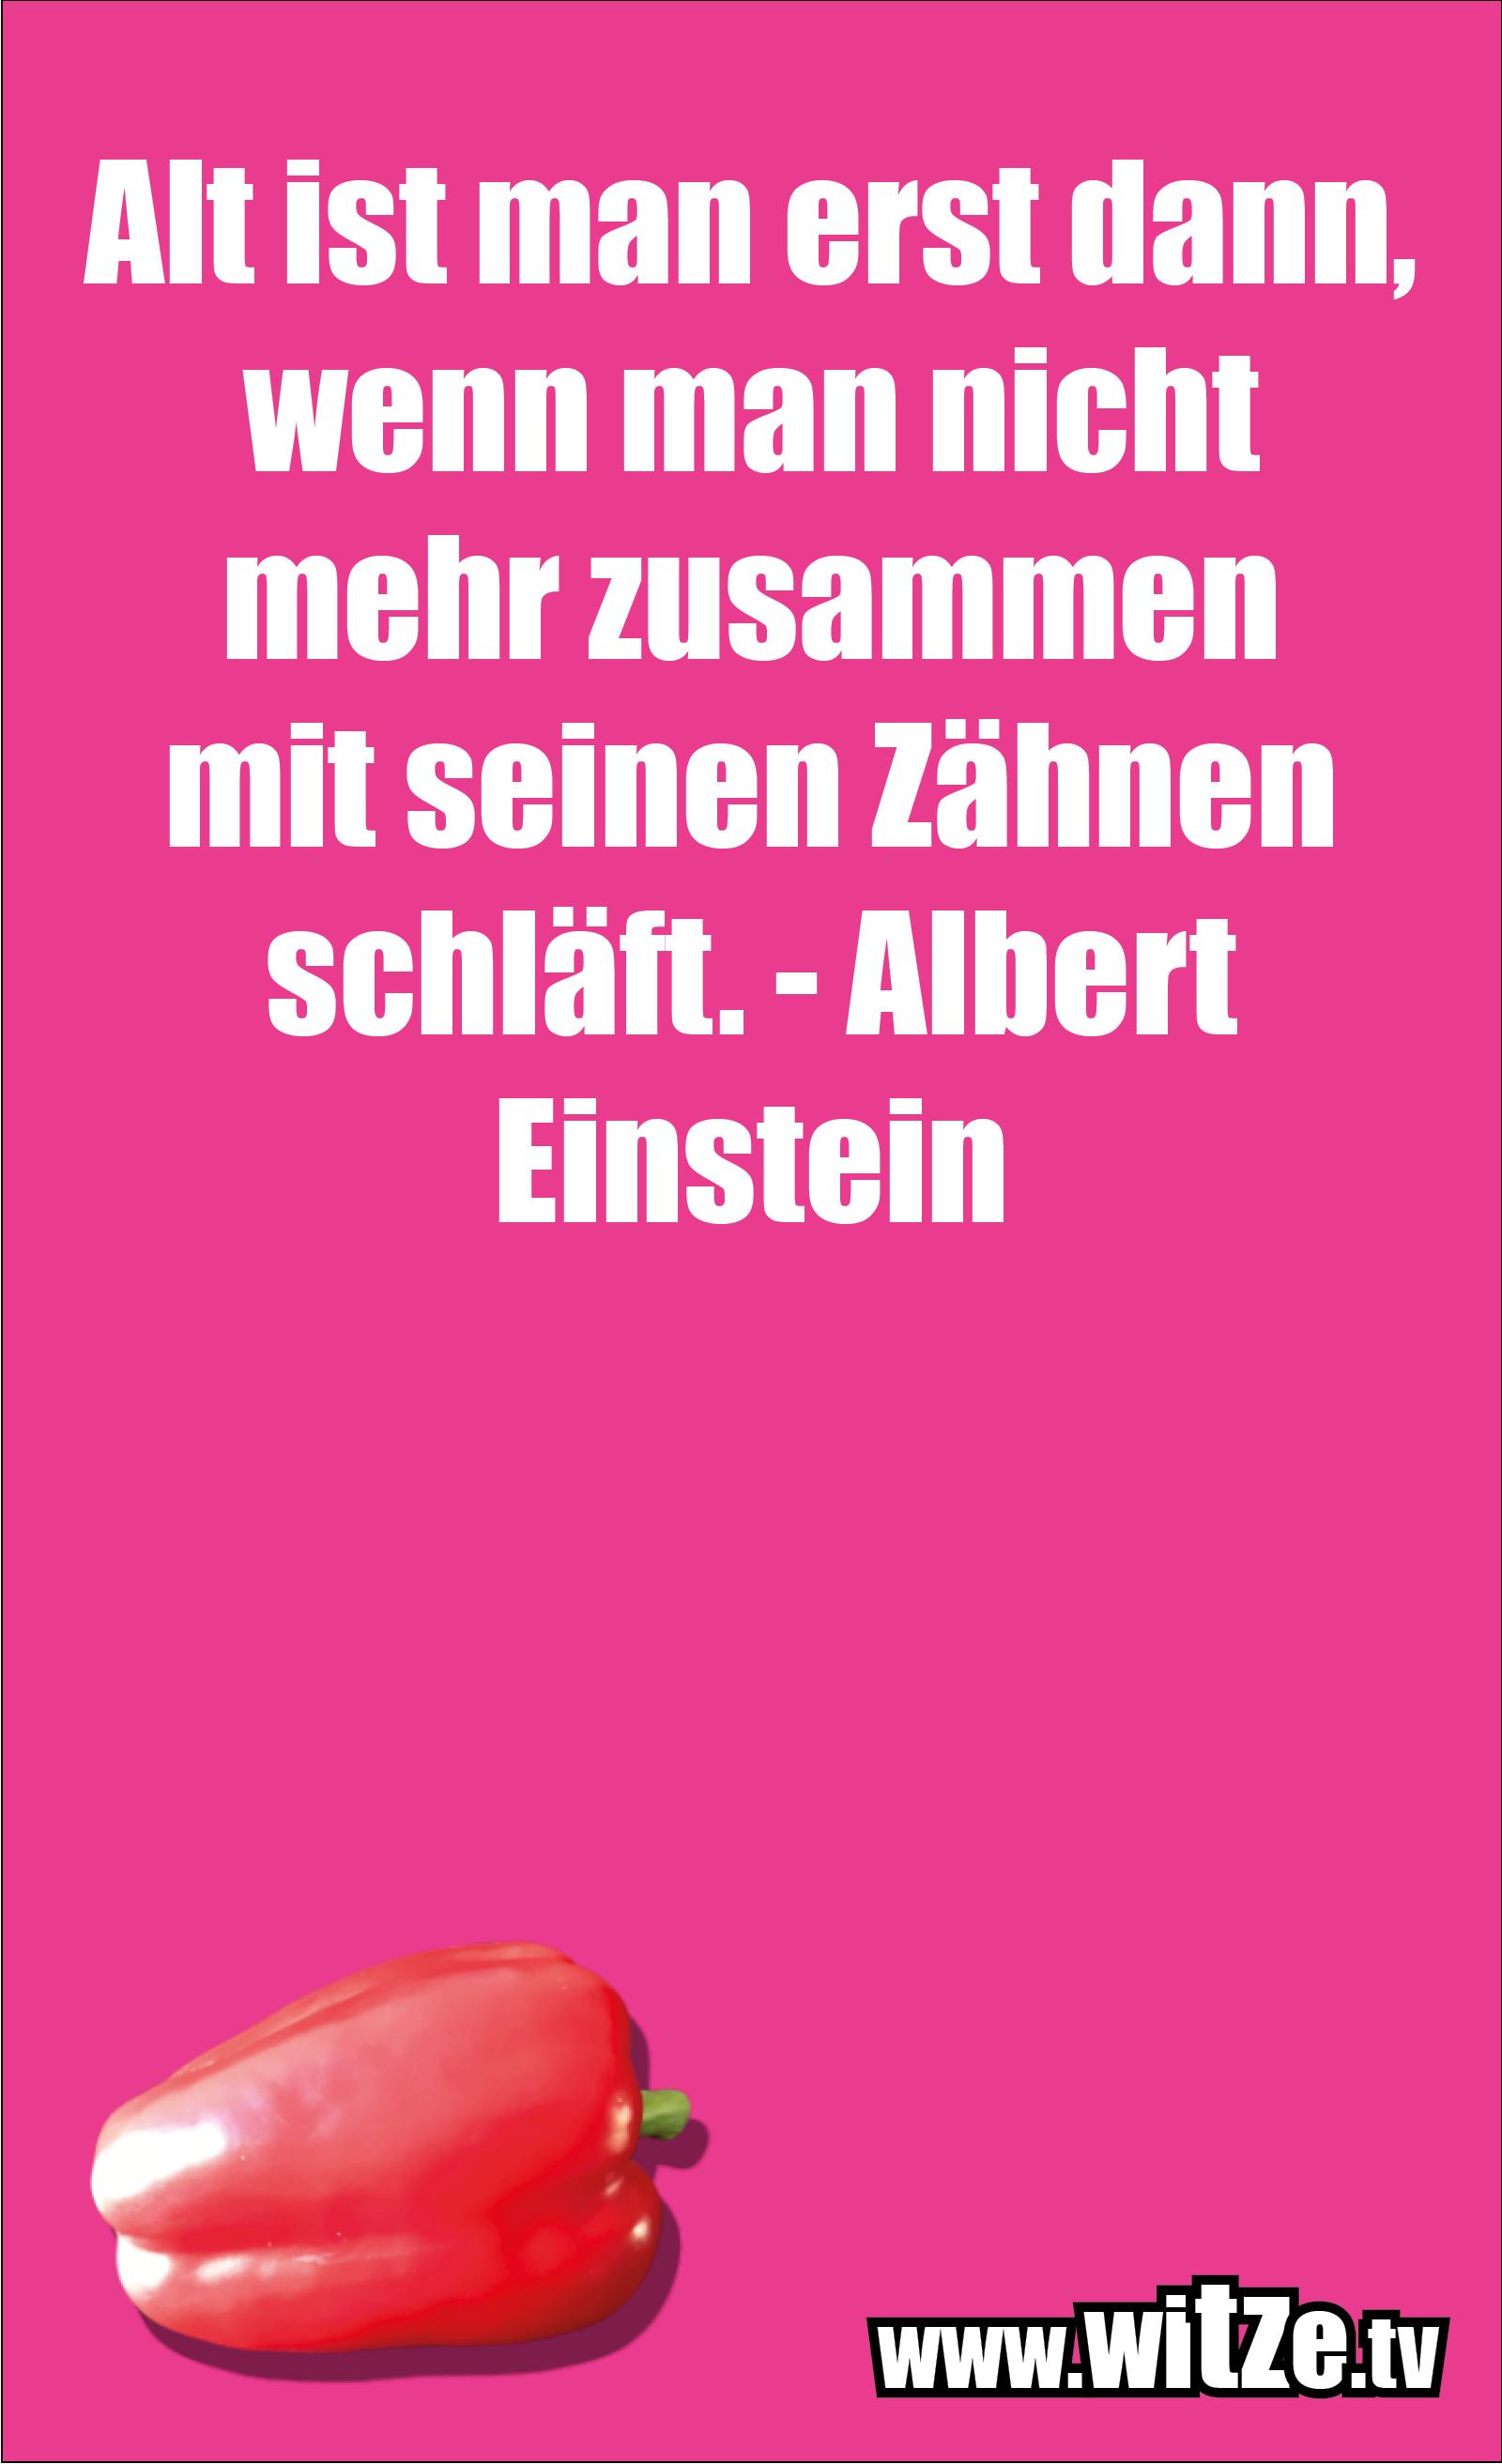 Lustige Geburtstagswünsche: Alt ist man erst dann, wenn man nicht mehr zusammen mit seinen Zähnen schläft. - Albert Einstein